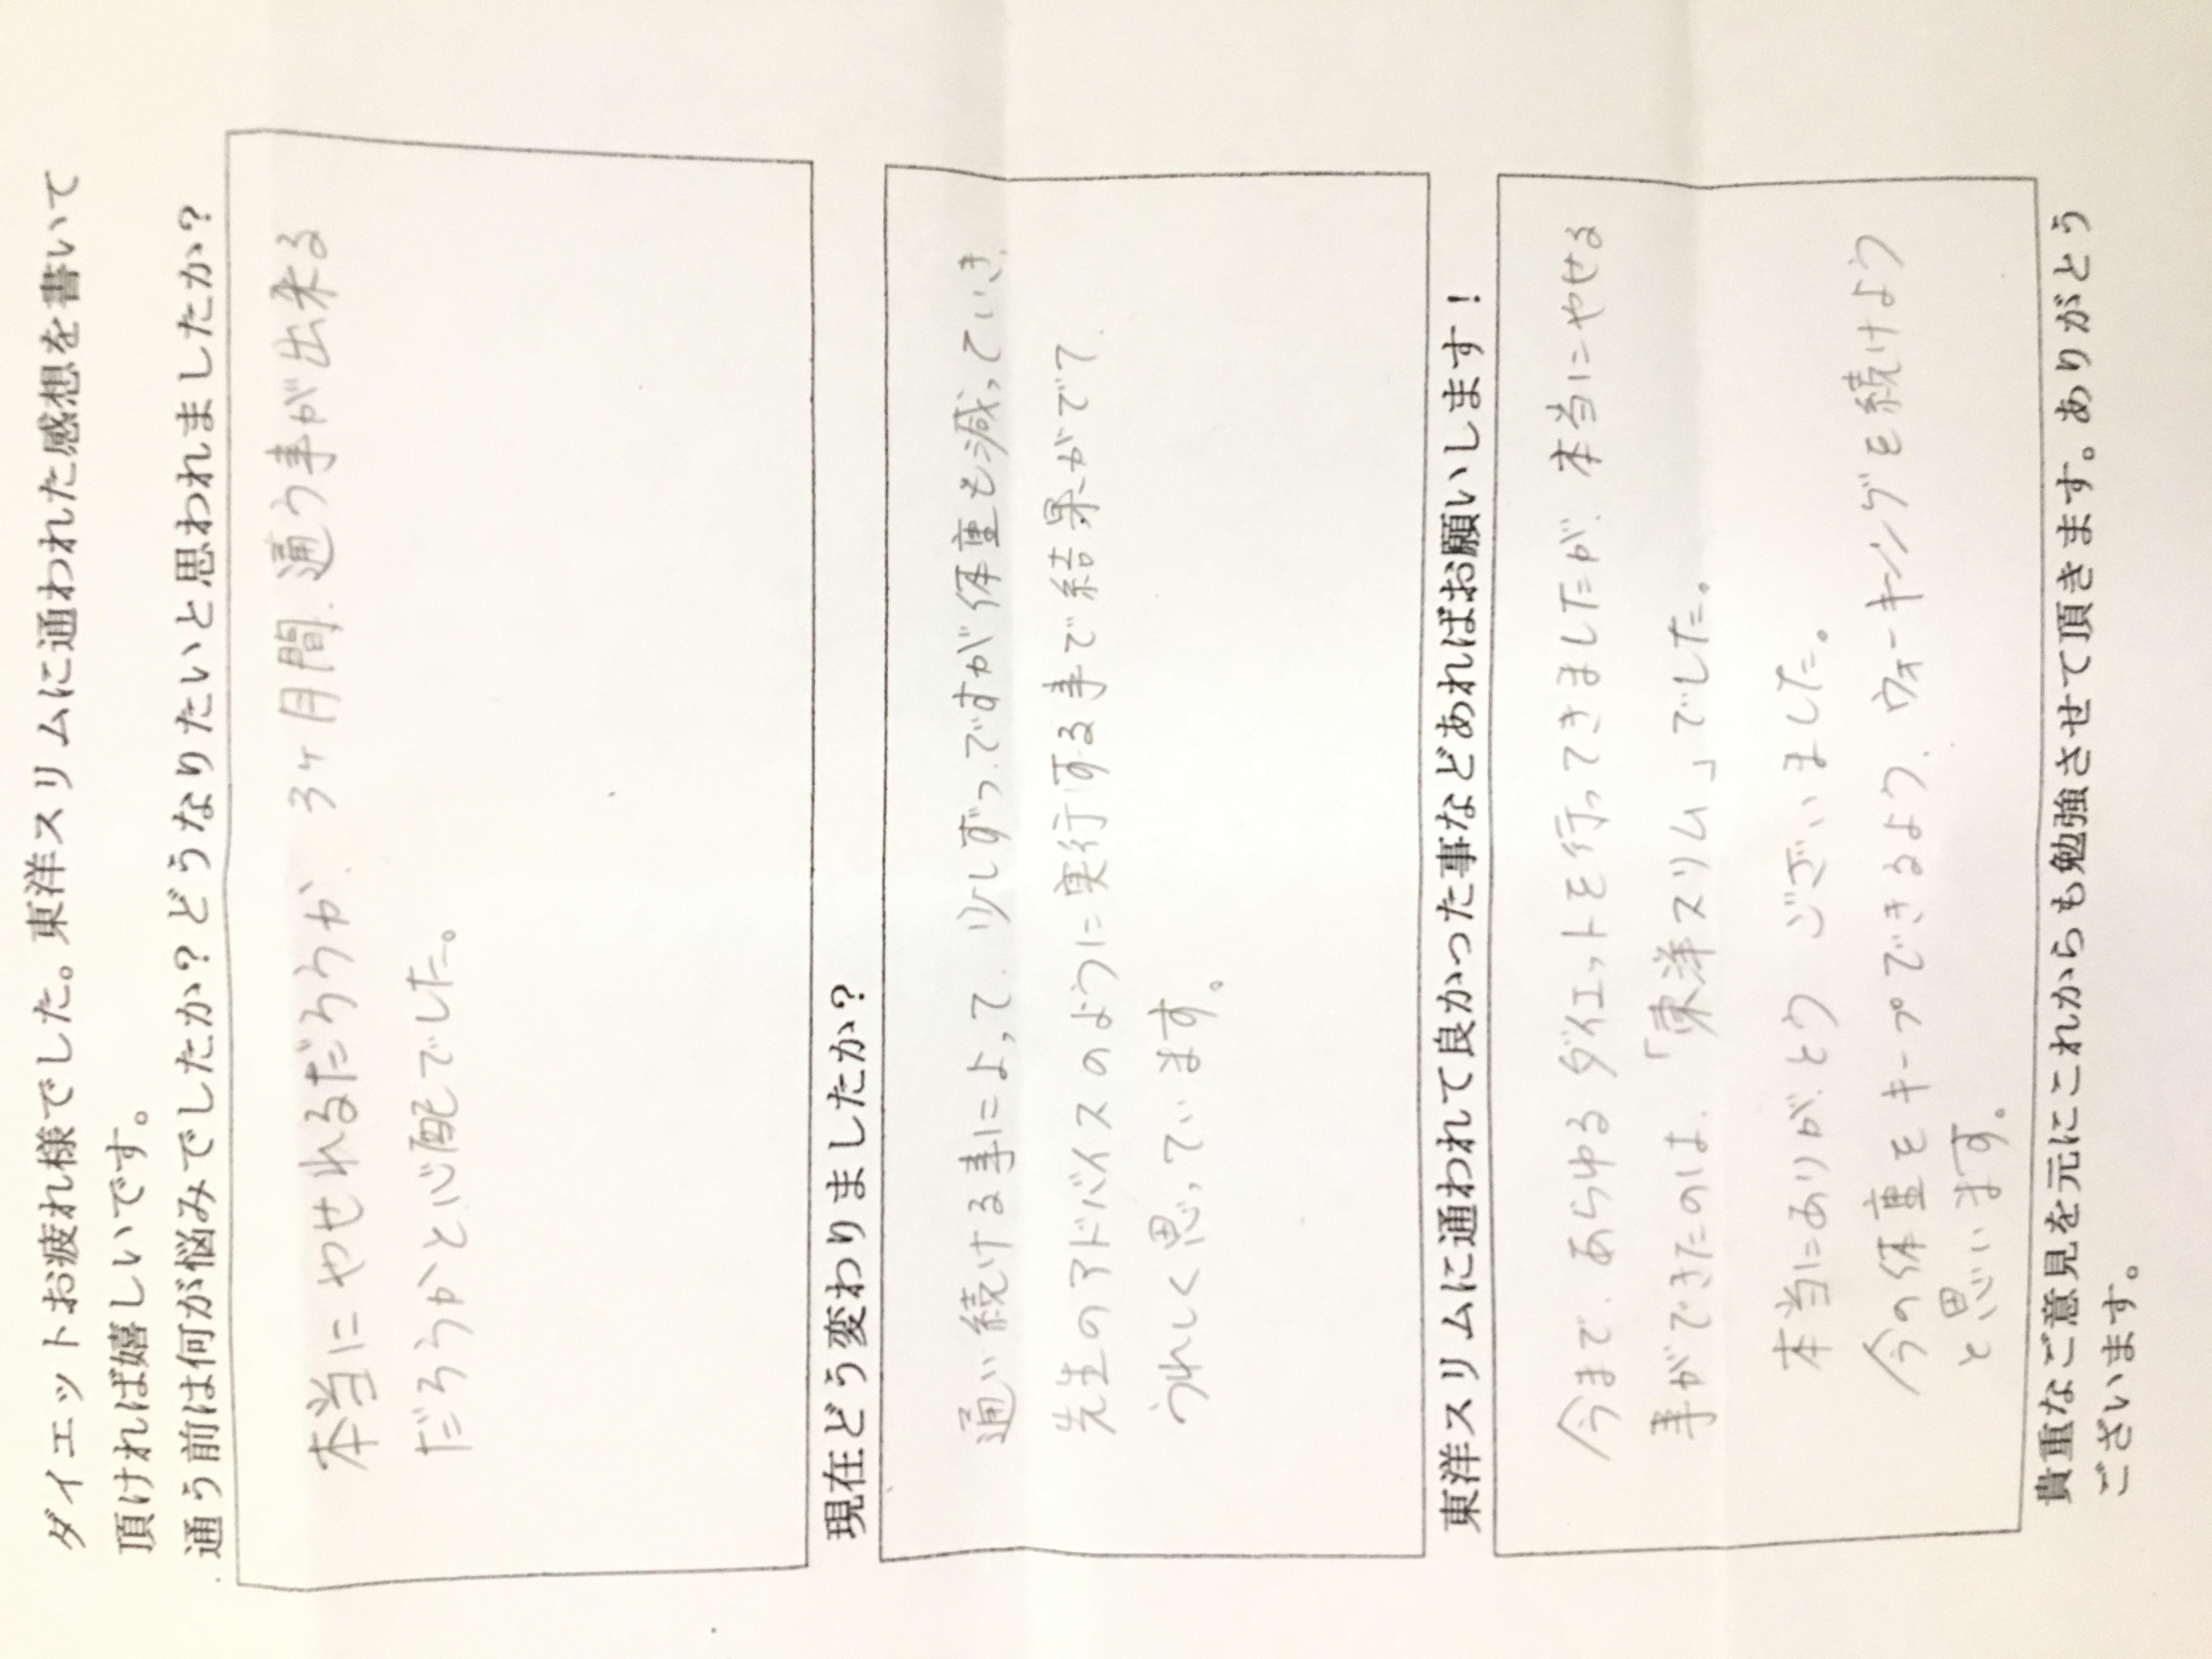 大阪市平野区Kさん44才耳ツボ痩身法で7kgダイエット成功